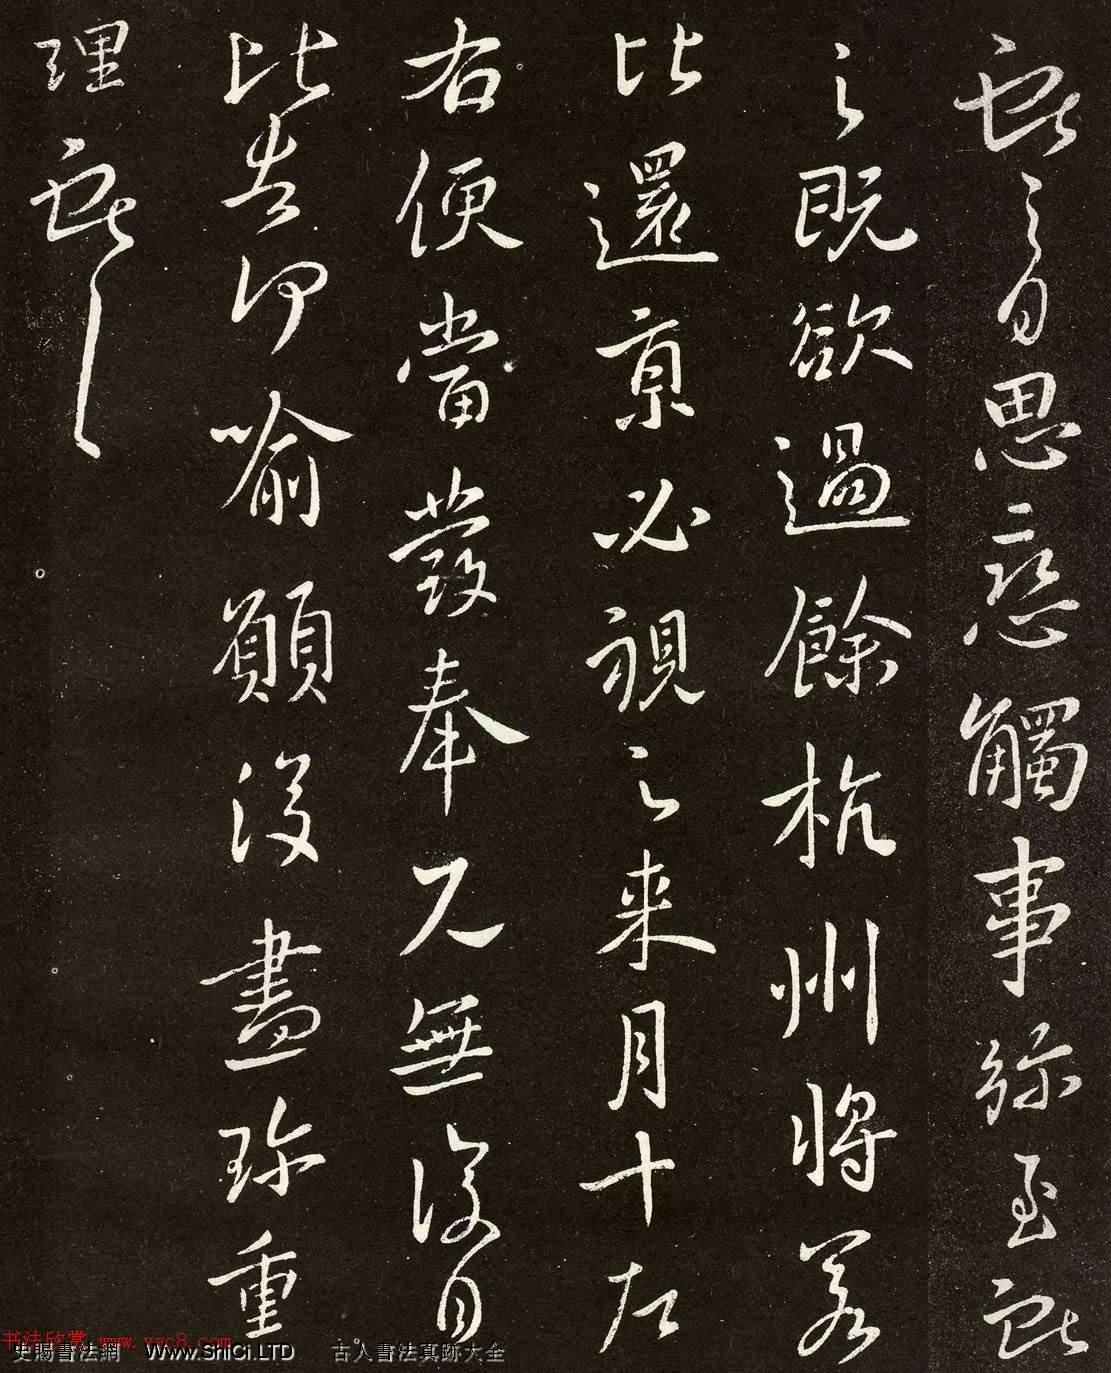 王献の行書拓本「余杭帖」の3種類(全部で5枚の写真)